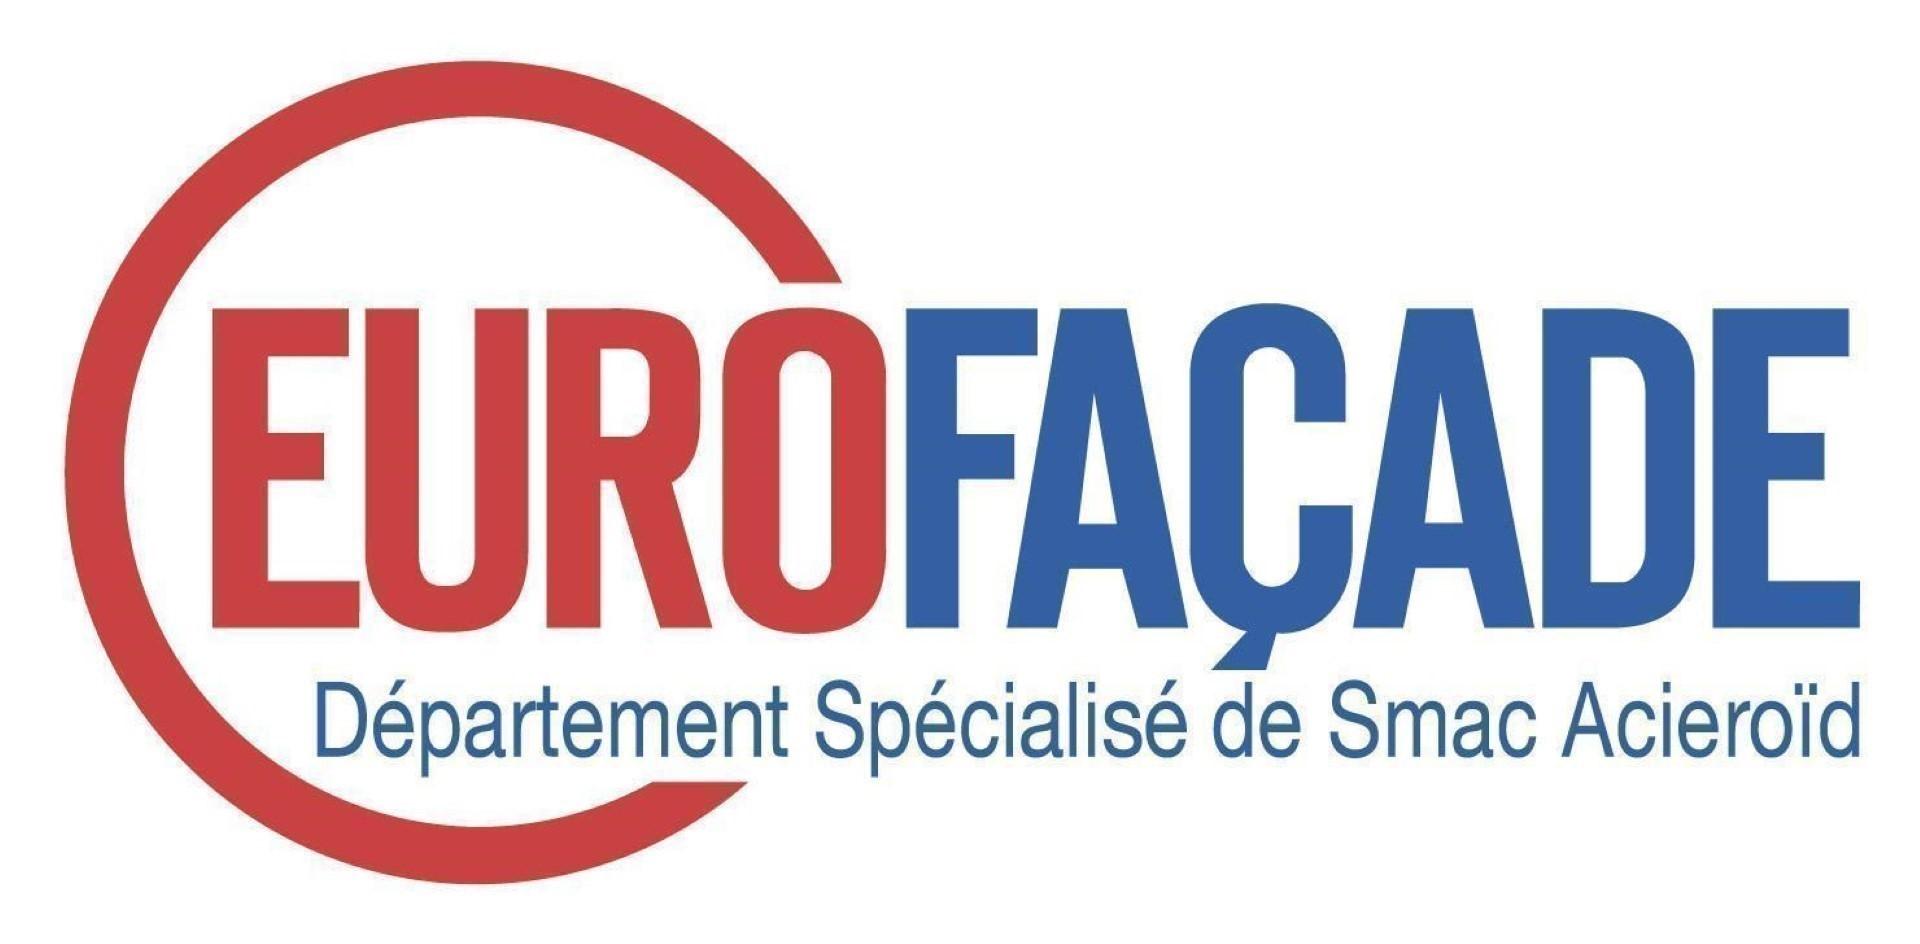 1988 Création d'Eurofaçade